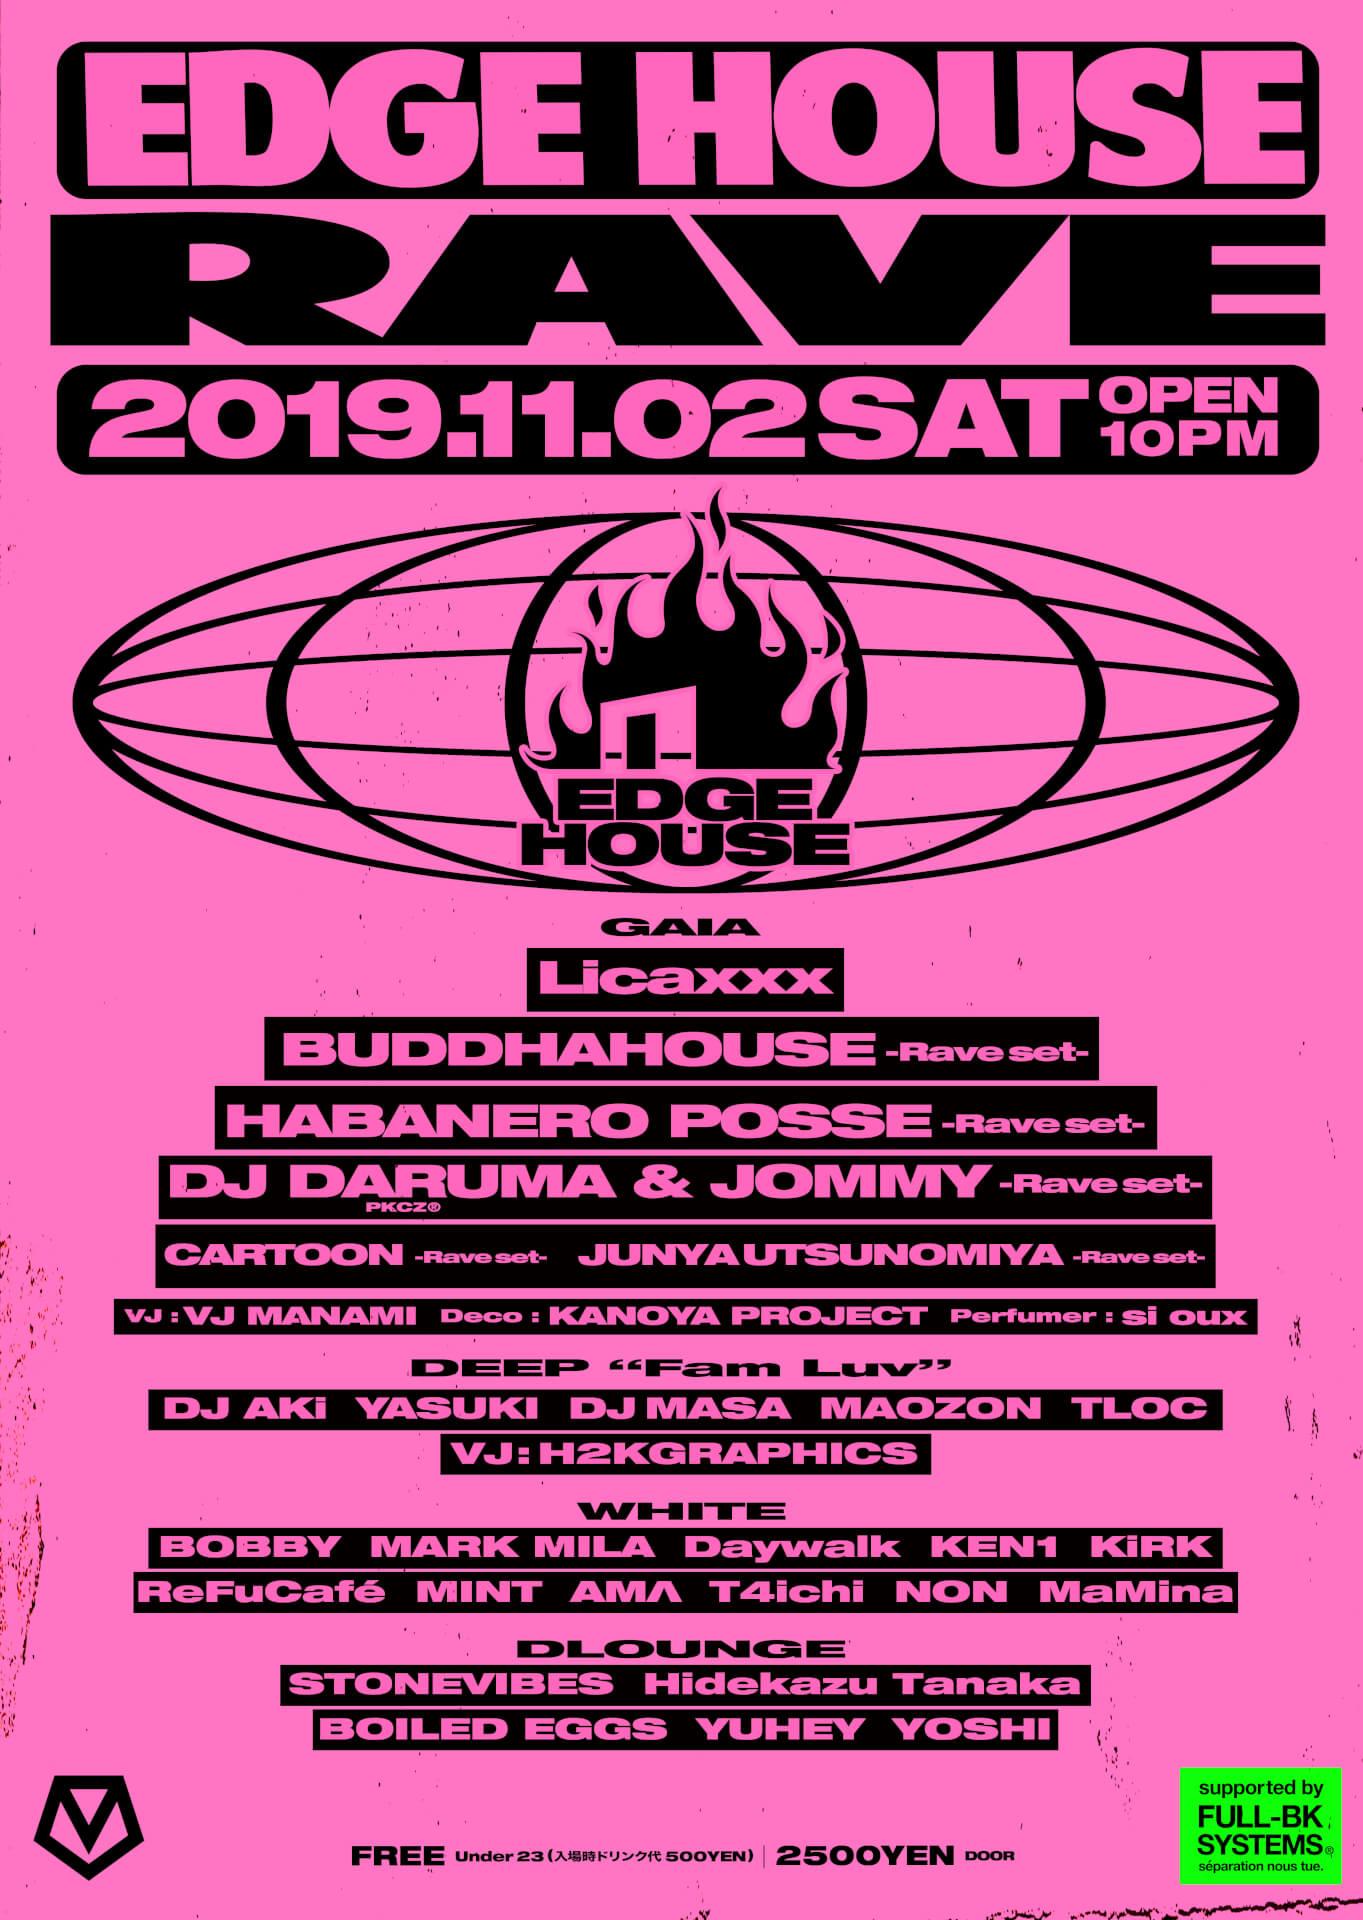 「レイヴ・カルチャー」をコンセプトに<EDGE HOUSE流レイヴ・パーティ>が渋谷 VISIONで開催|Licaxxx、BUDDAHOUSEらが登場 poster_design1